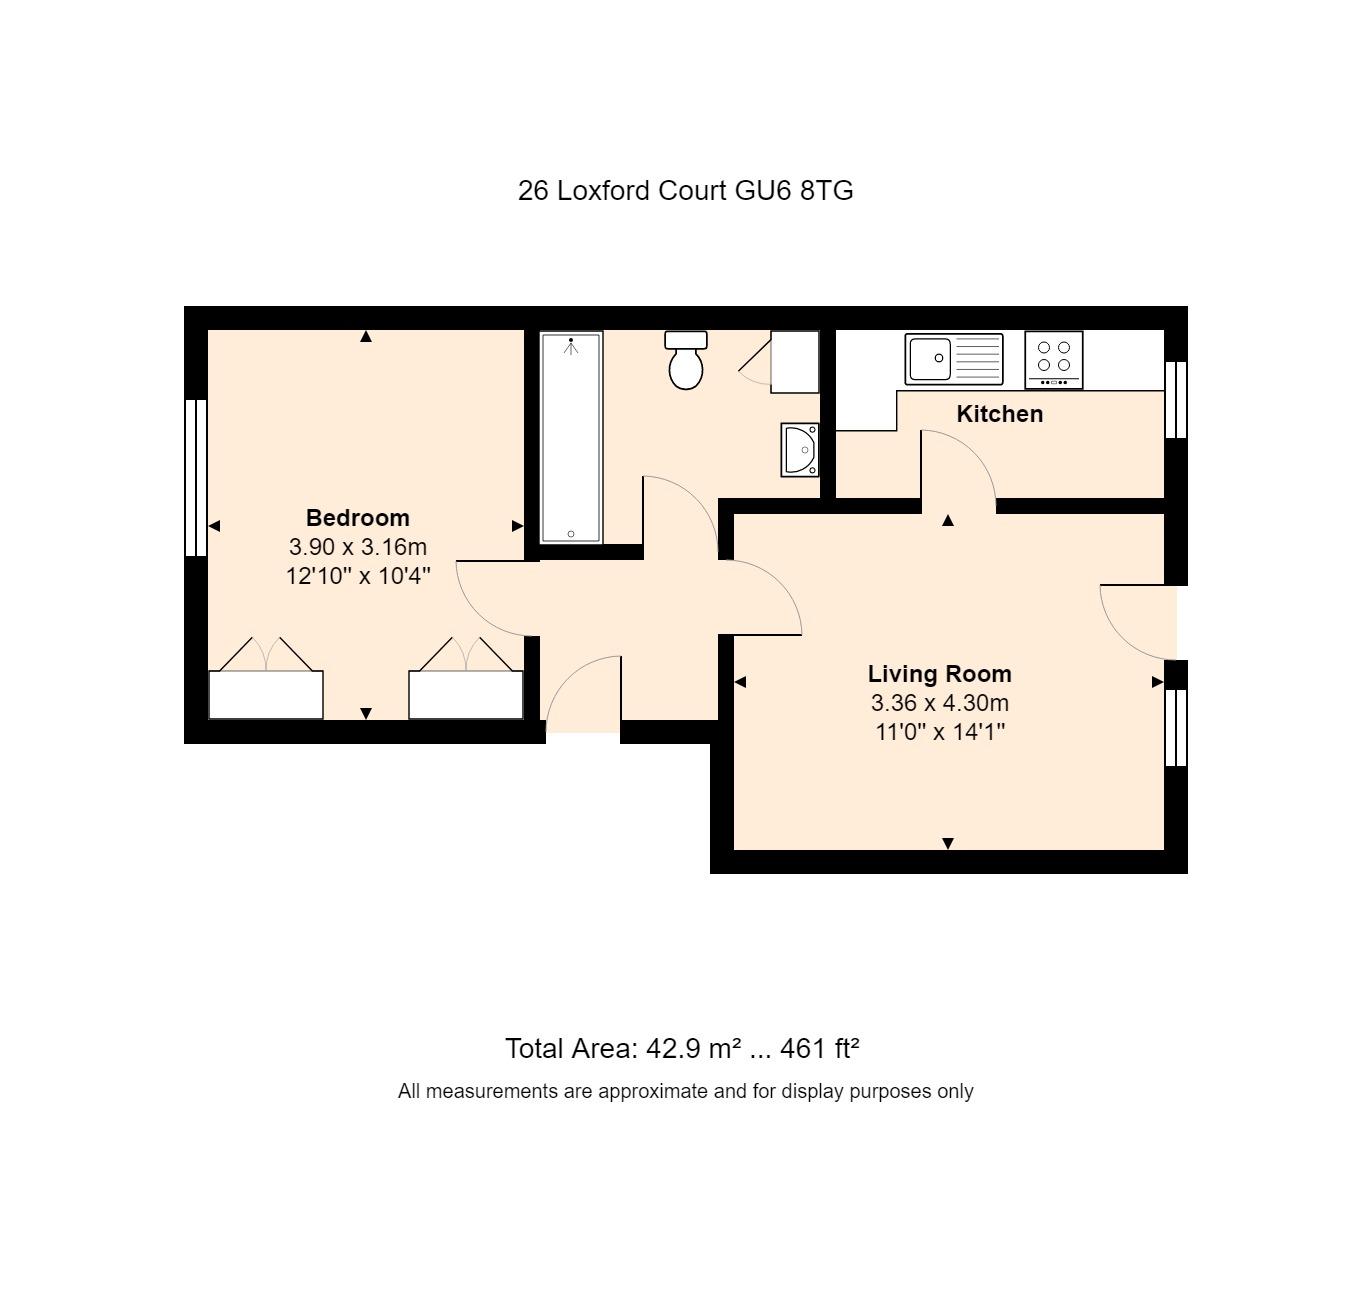 26 Loxford Court Floorplan